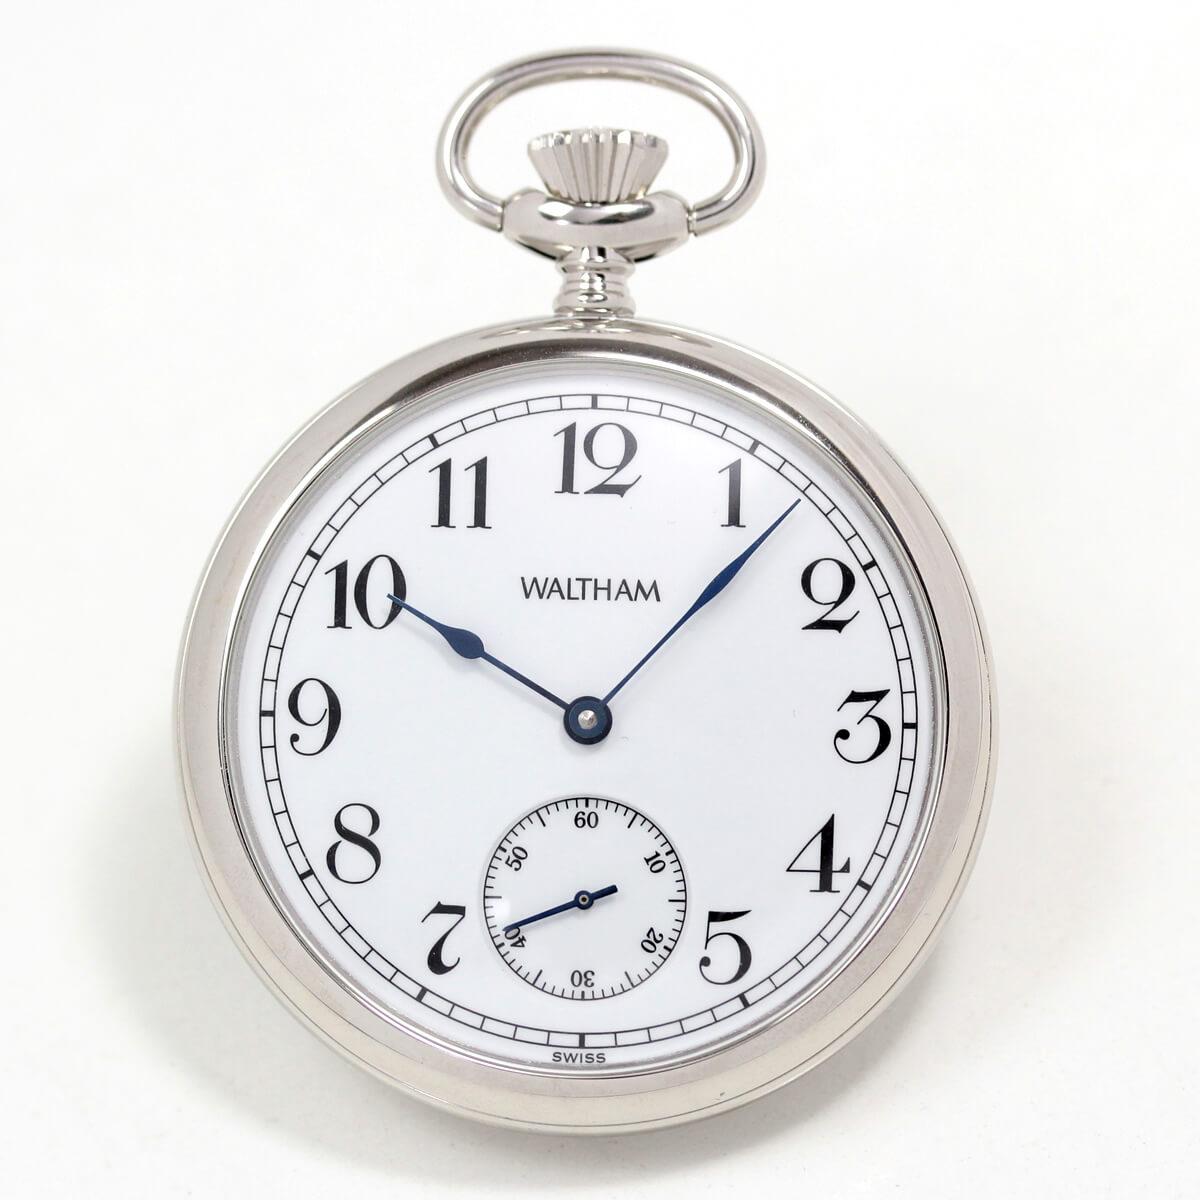 ウォルサム アラビア数字の懐中時計 銀無垢 ws32a